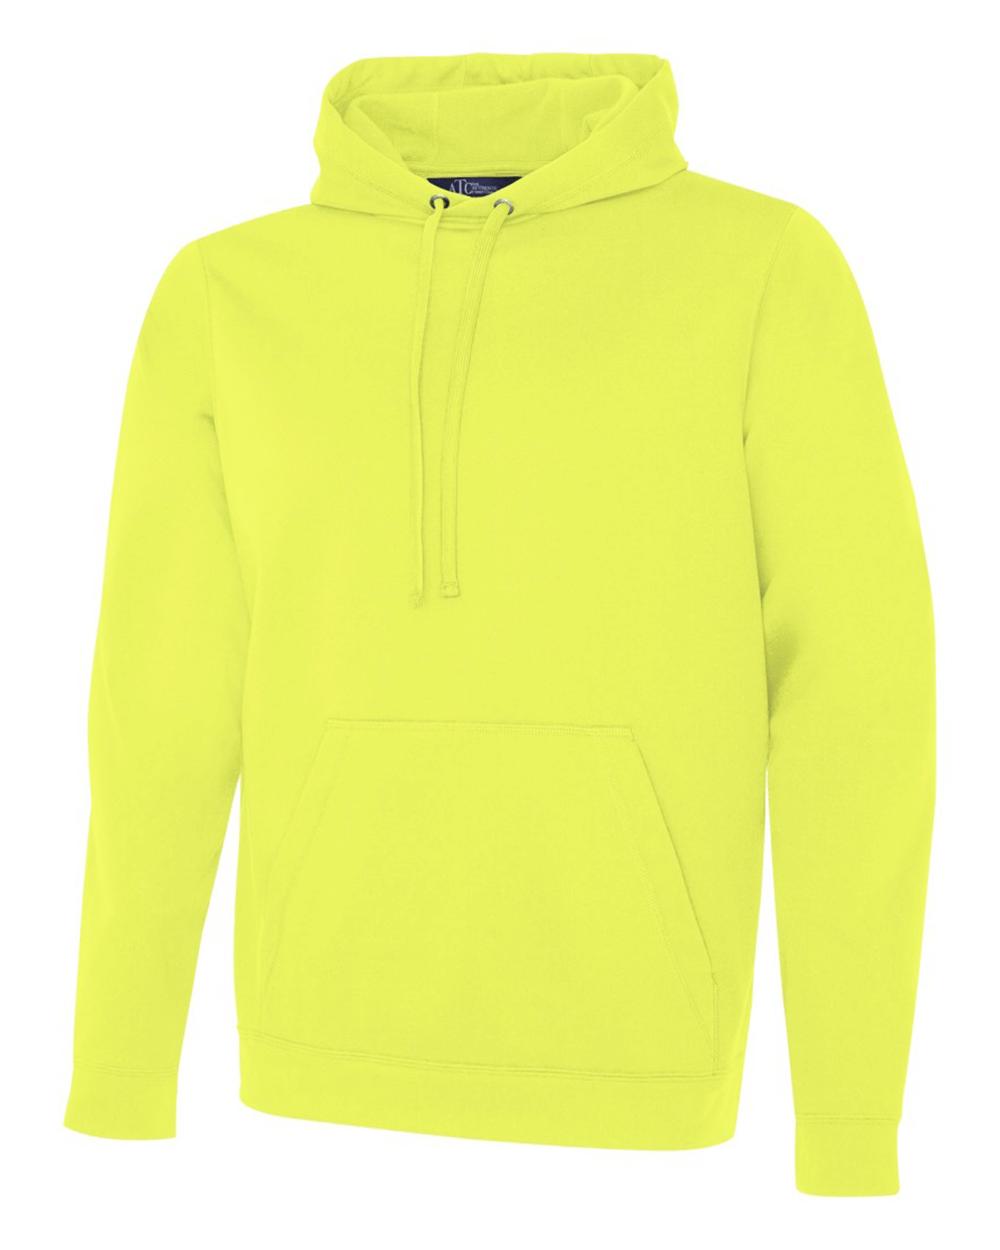 Game Day Fleece Hooded Sweatshirt